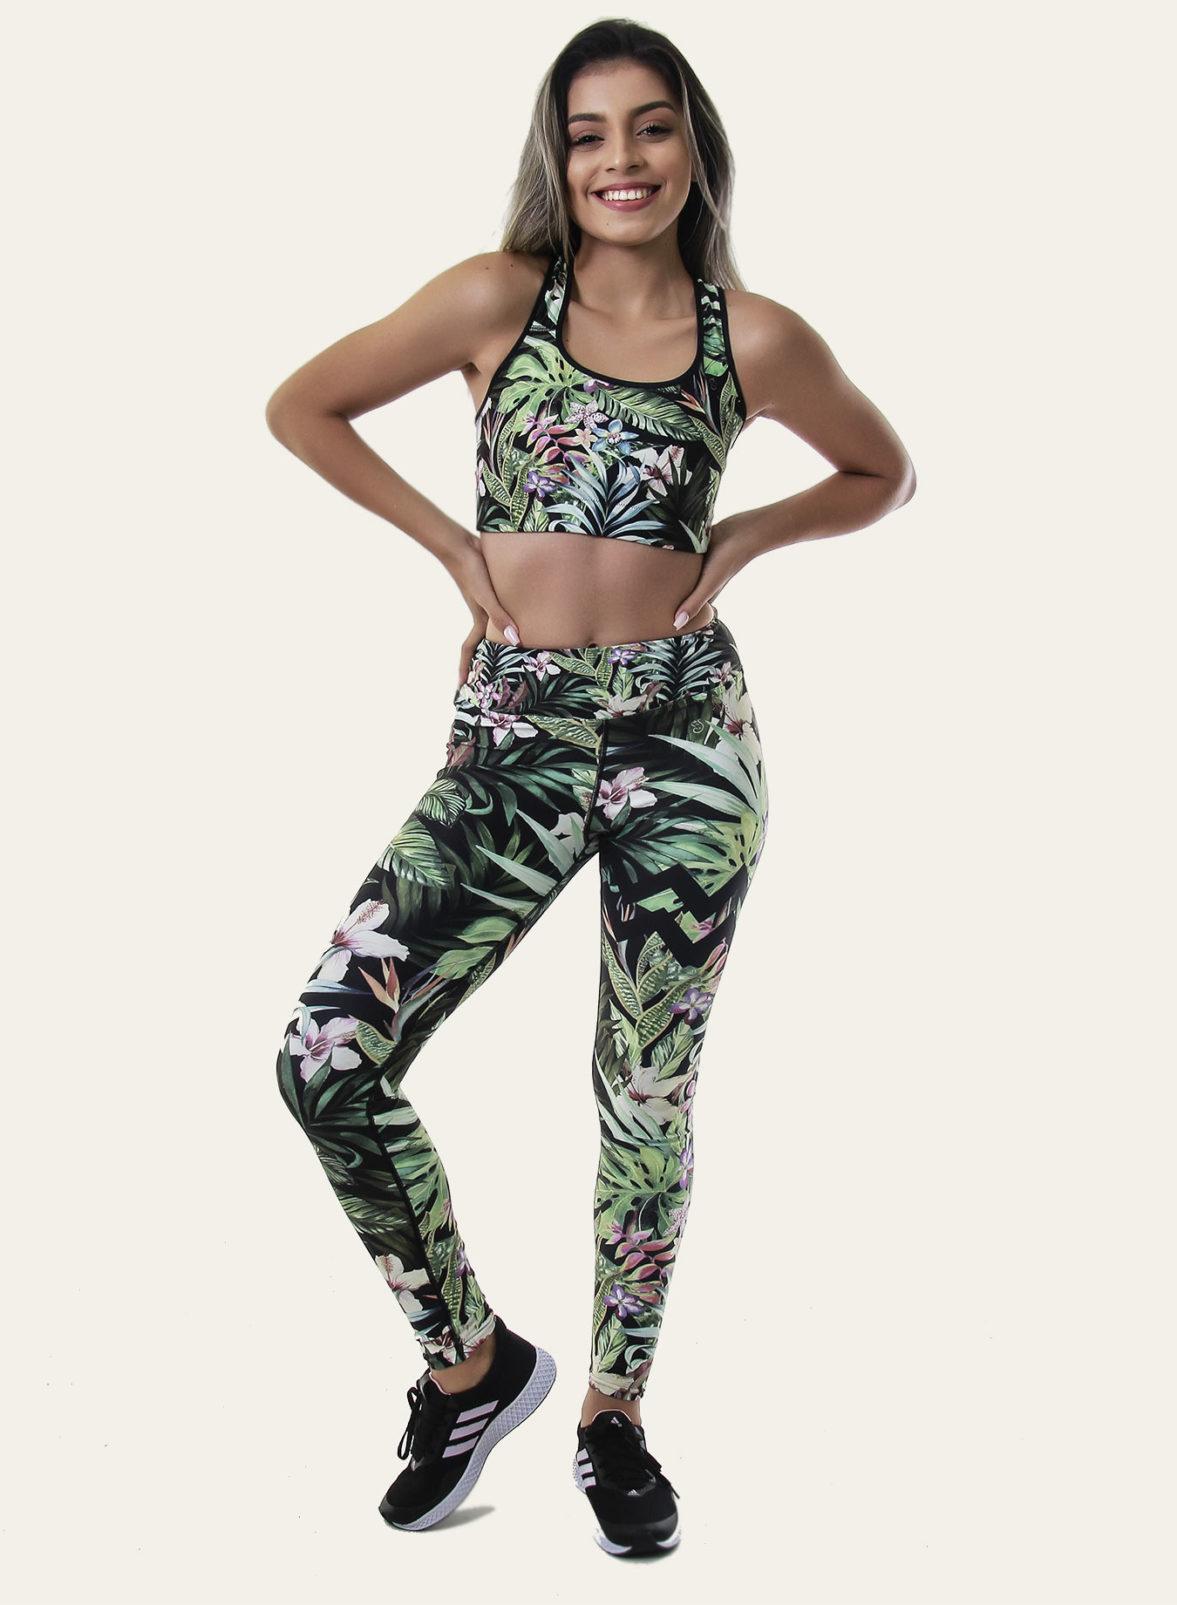 Jeune femme en legging de yoga amazonia